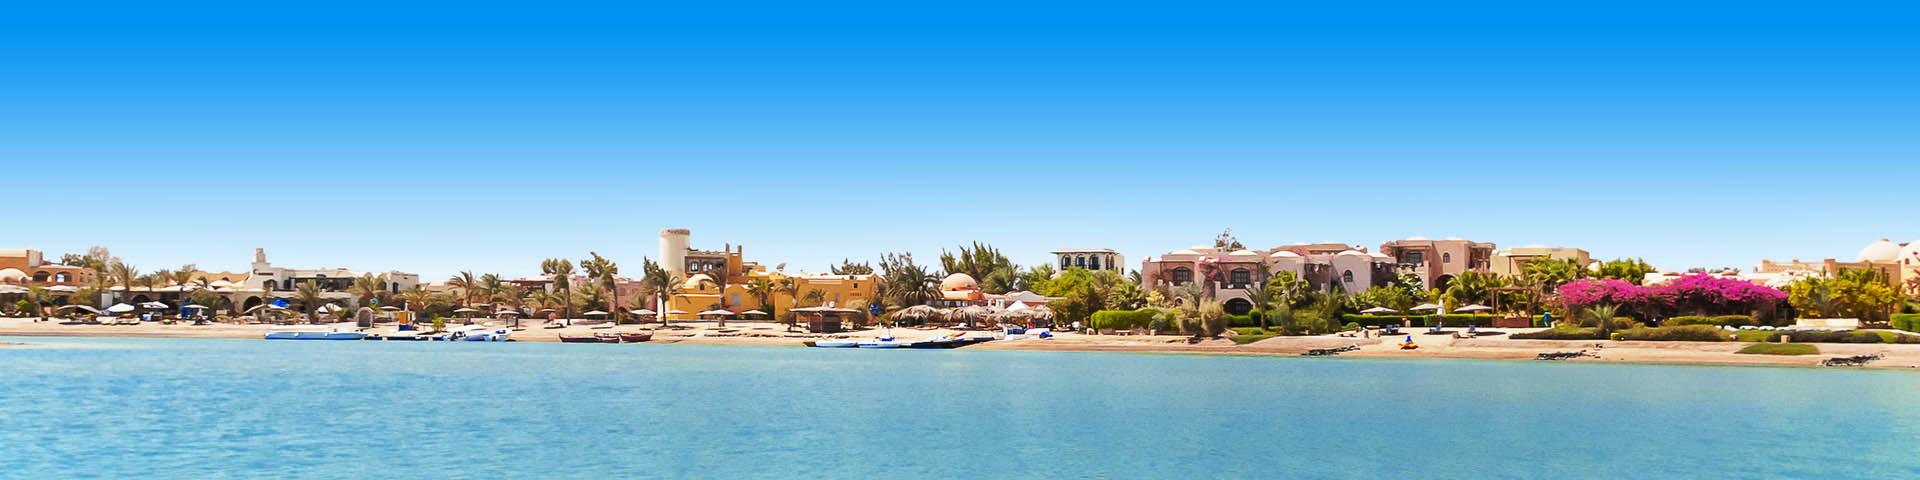 Uitzicht op het strand en gebouwen in Egypte